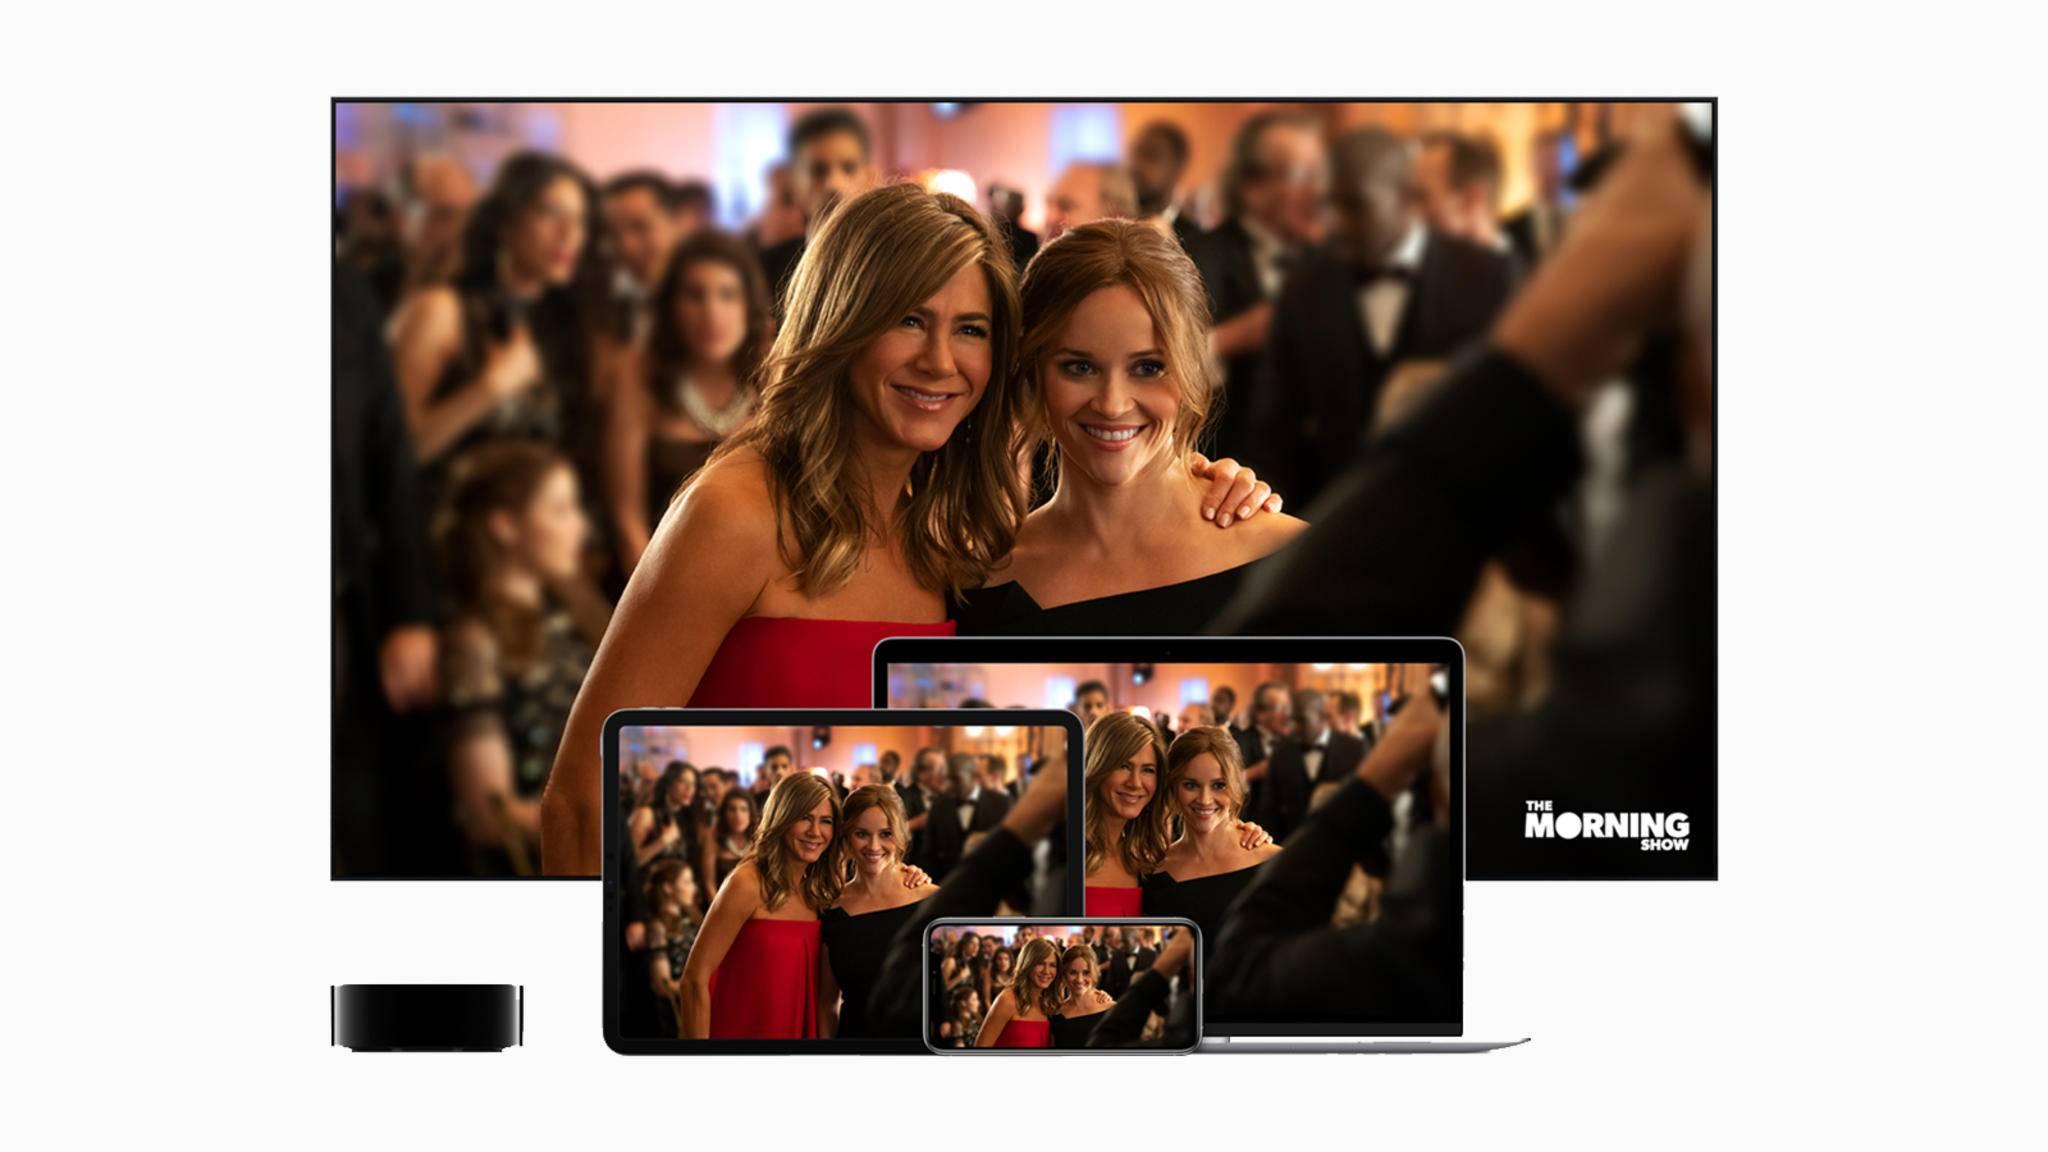 Apple TV+ bietet beim 4K-Streaming offenbar eine höhere Bitrate als die Konkurrenz oder iTunes.